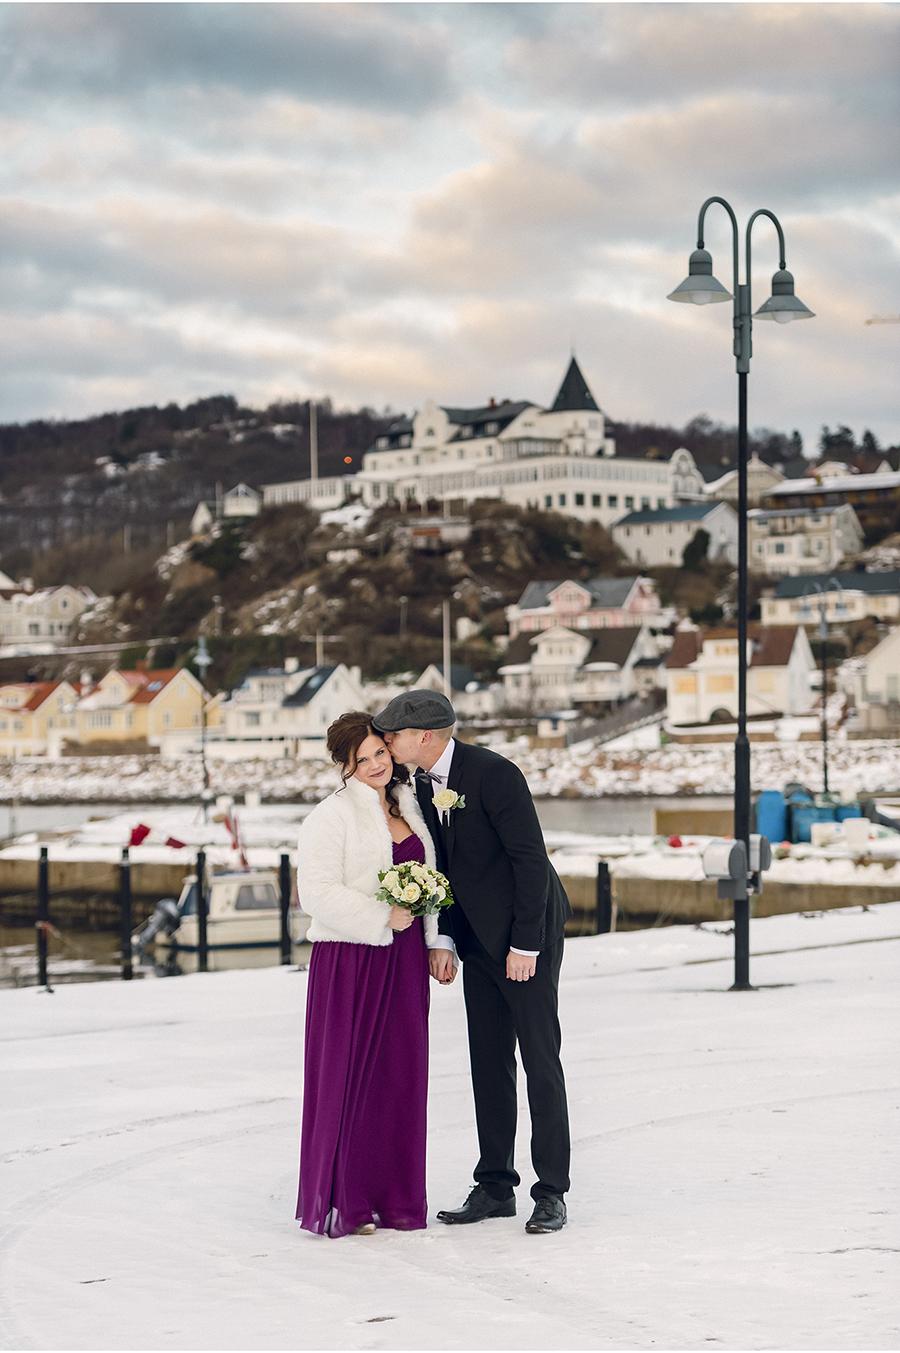 Elin + Martin Vinterbröllop i Mölle - Fotograf Anna Lauridsen, Kullafoto 8